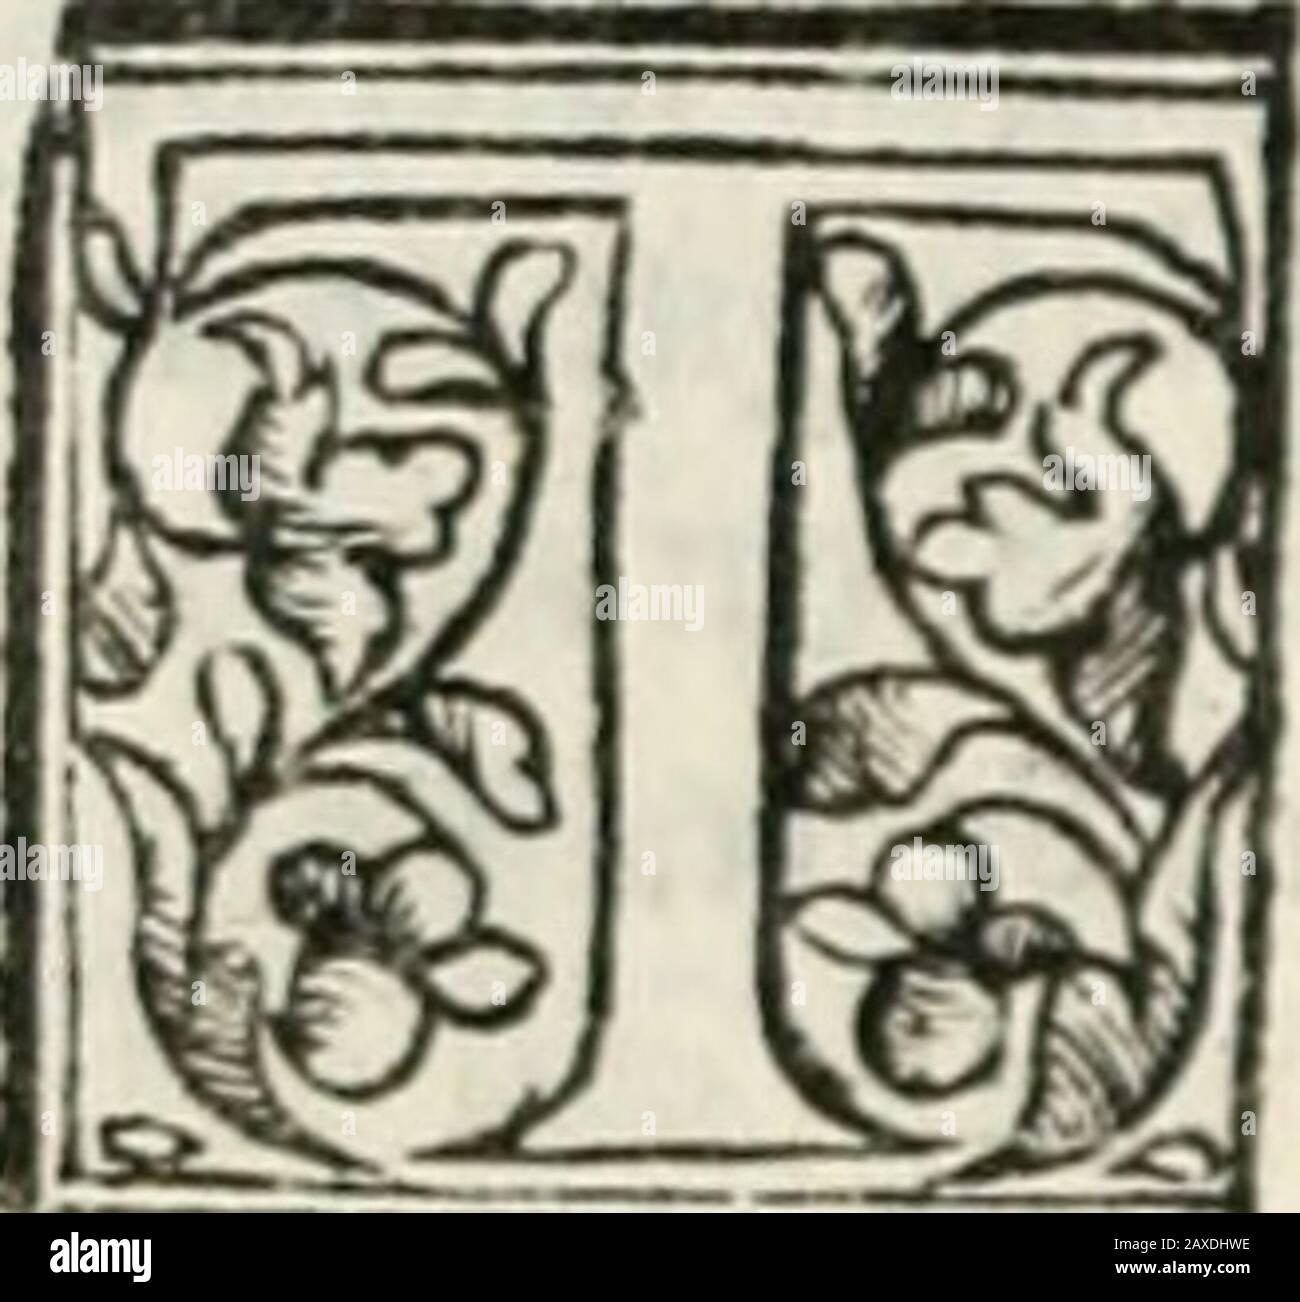 Geneologia de gli dei : i qvin decii libri . JESILCEO, MELWMT o,Er Euioto figliuoli d* Jesús 4. VtìifuYono figli dAtrco. /i cerne ajjinnd Cicerone nelle mture diiiicluali dicc,che dppreffo Greco furono annouerciti trd i i difcorti:ilche mditio,chefò!]cro huominifamofrjjendo dirjli fiato Cafìcre.et Pollpartiuce IBSTE chegencròTuta FIGT Hrffìf Uippcdamidiiìqudk jìdti Onde hiucdefcppcrtato daljrdtello le co/e dette j am. Deràdo farne ucMta dr Foto de stock